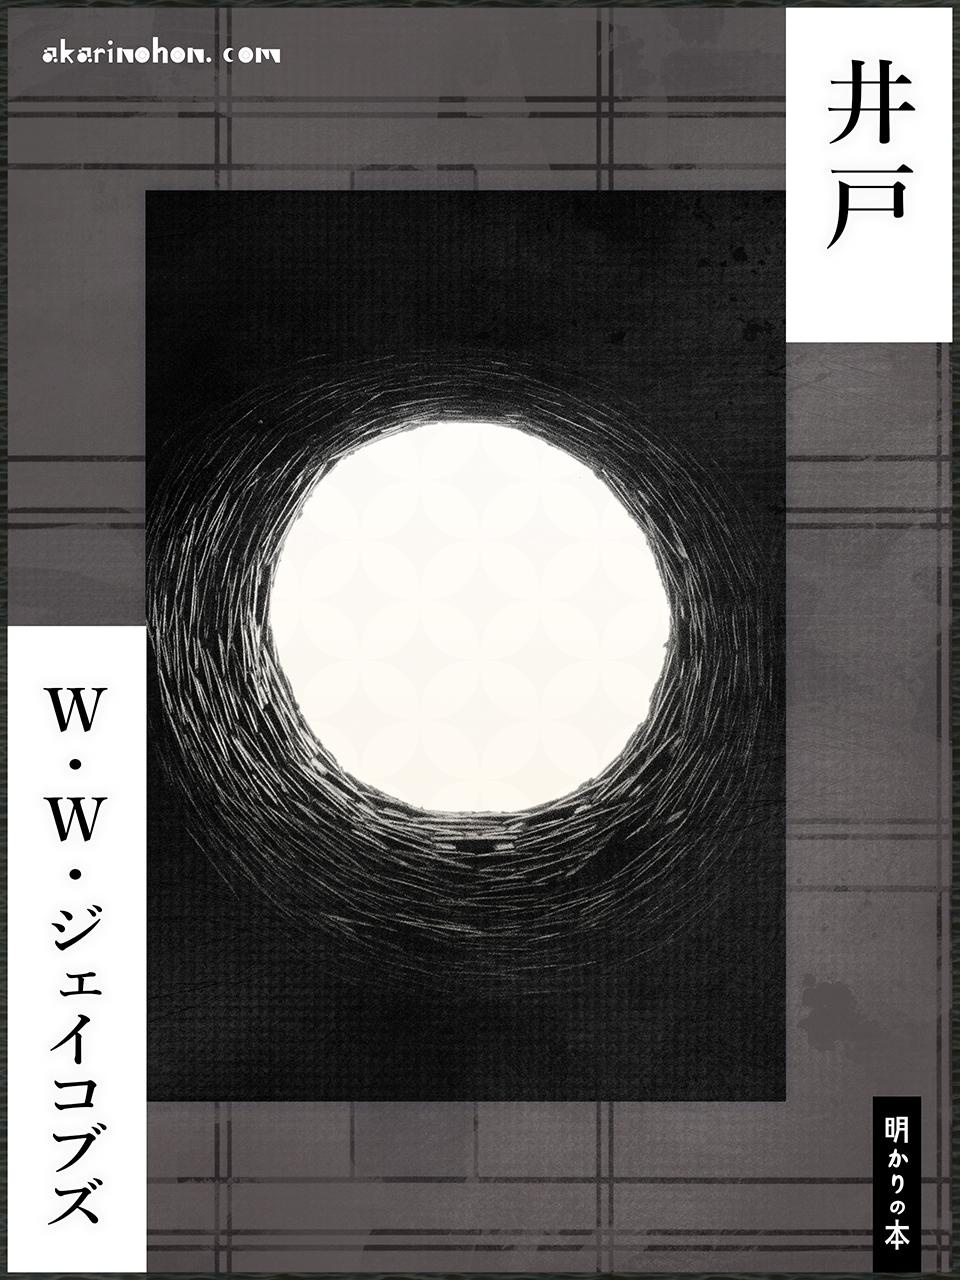 0000 - 井戸 W・W・ジェイコブズ